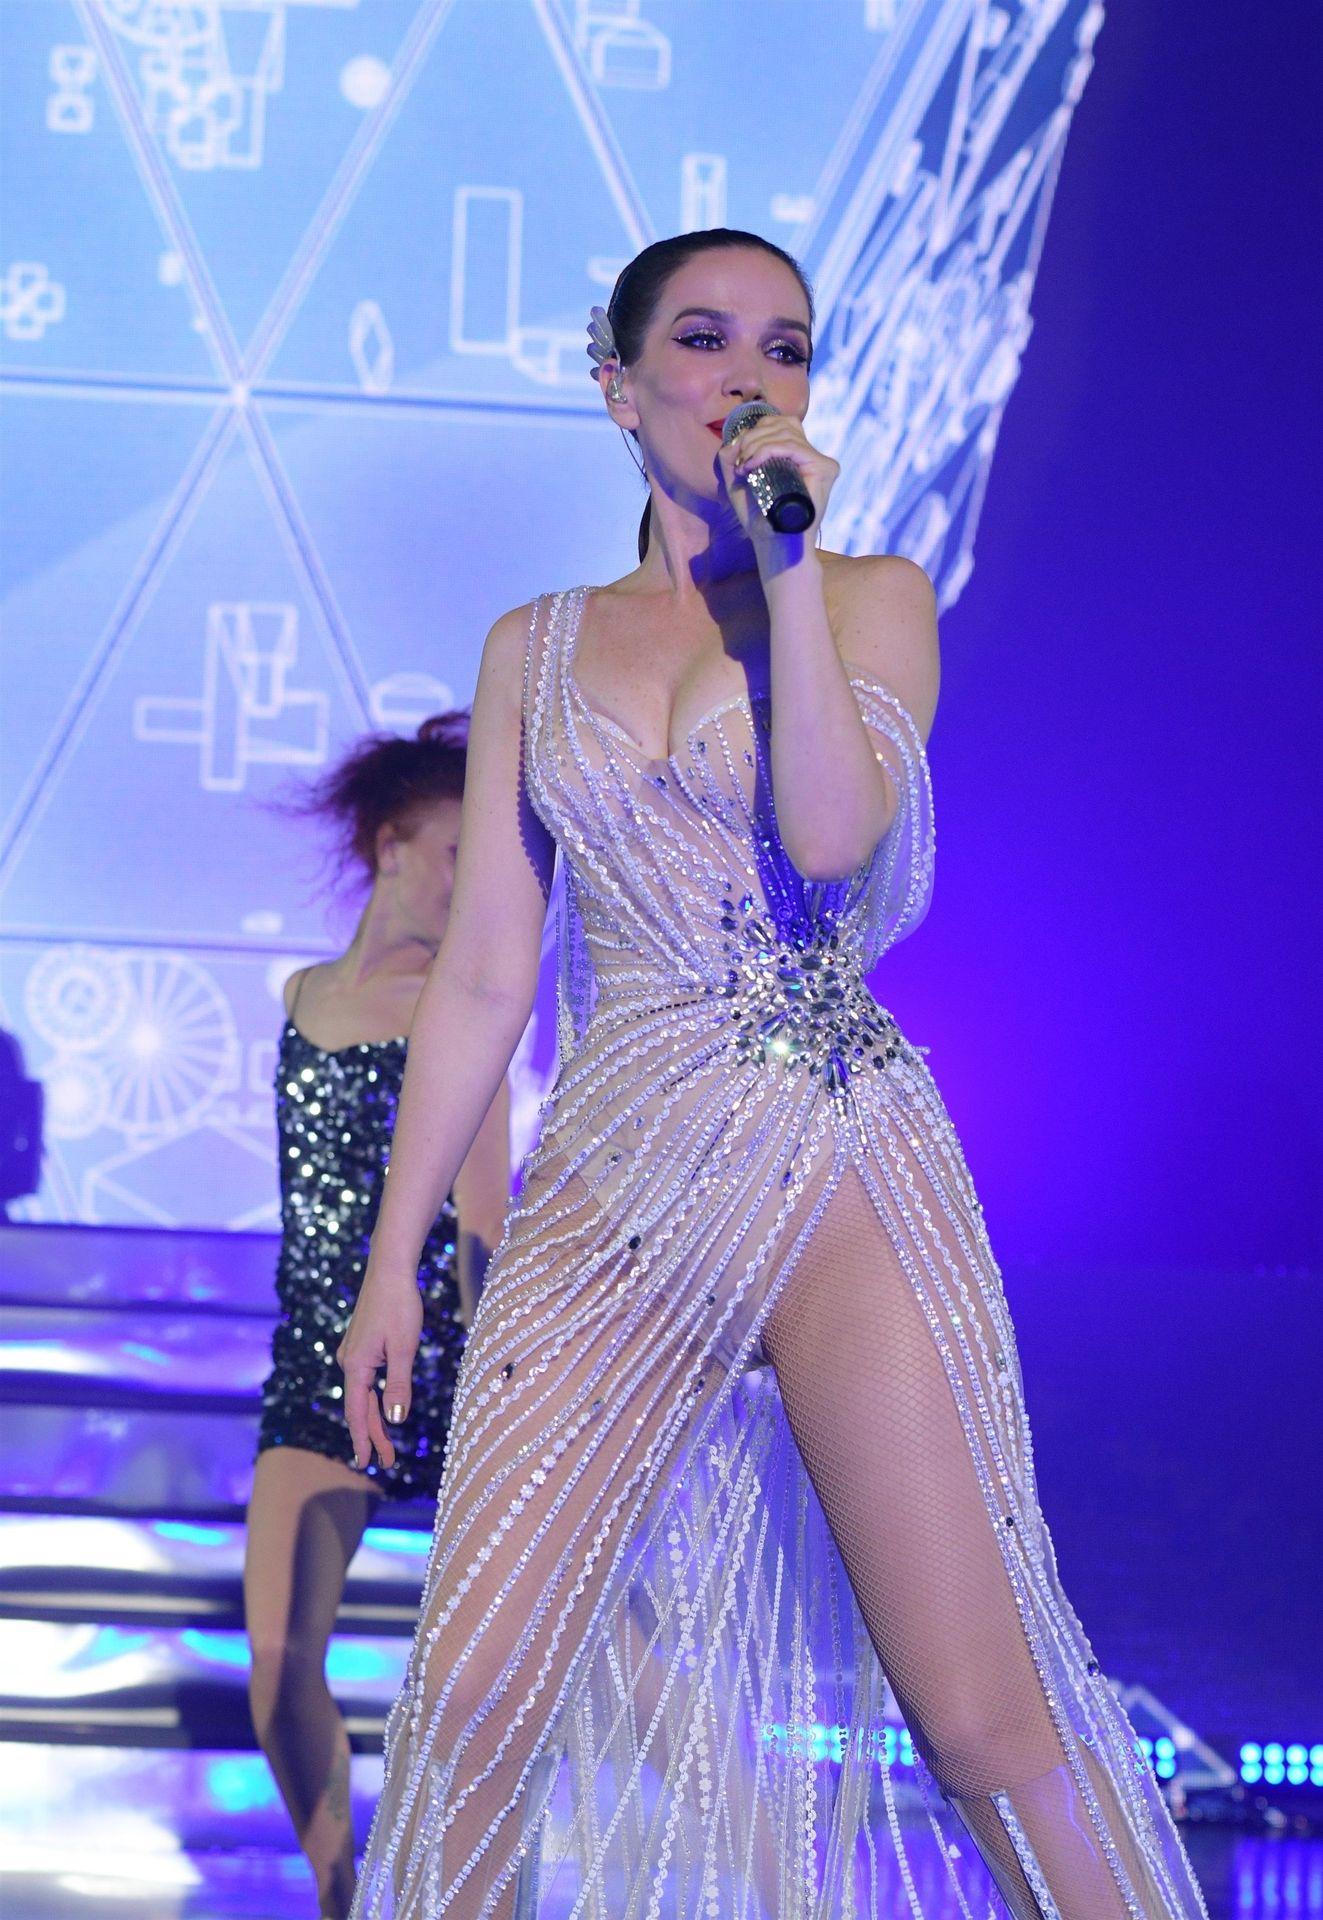 0229221633172_18_Natalia-Oreiro-Sexy-TheFappeningBlog.com-19.jpg